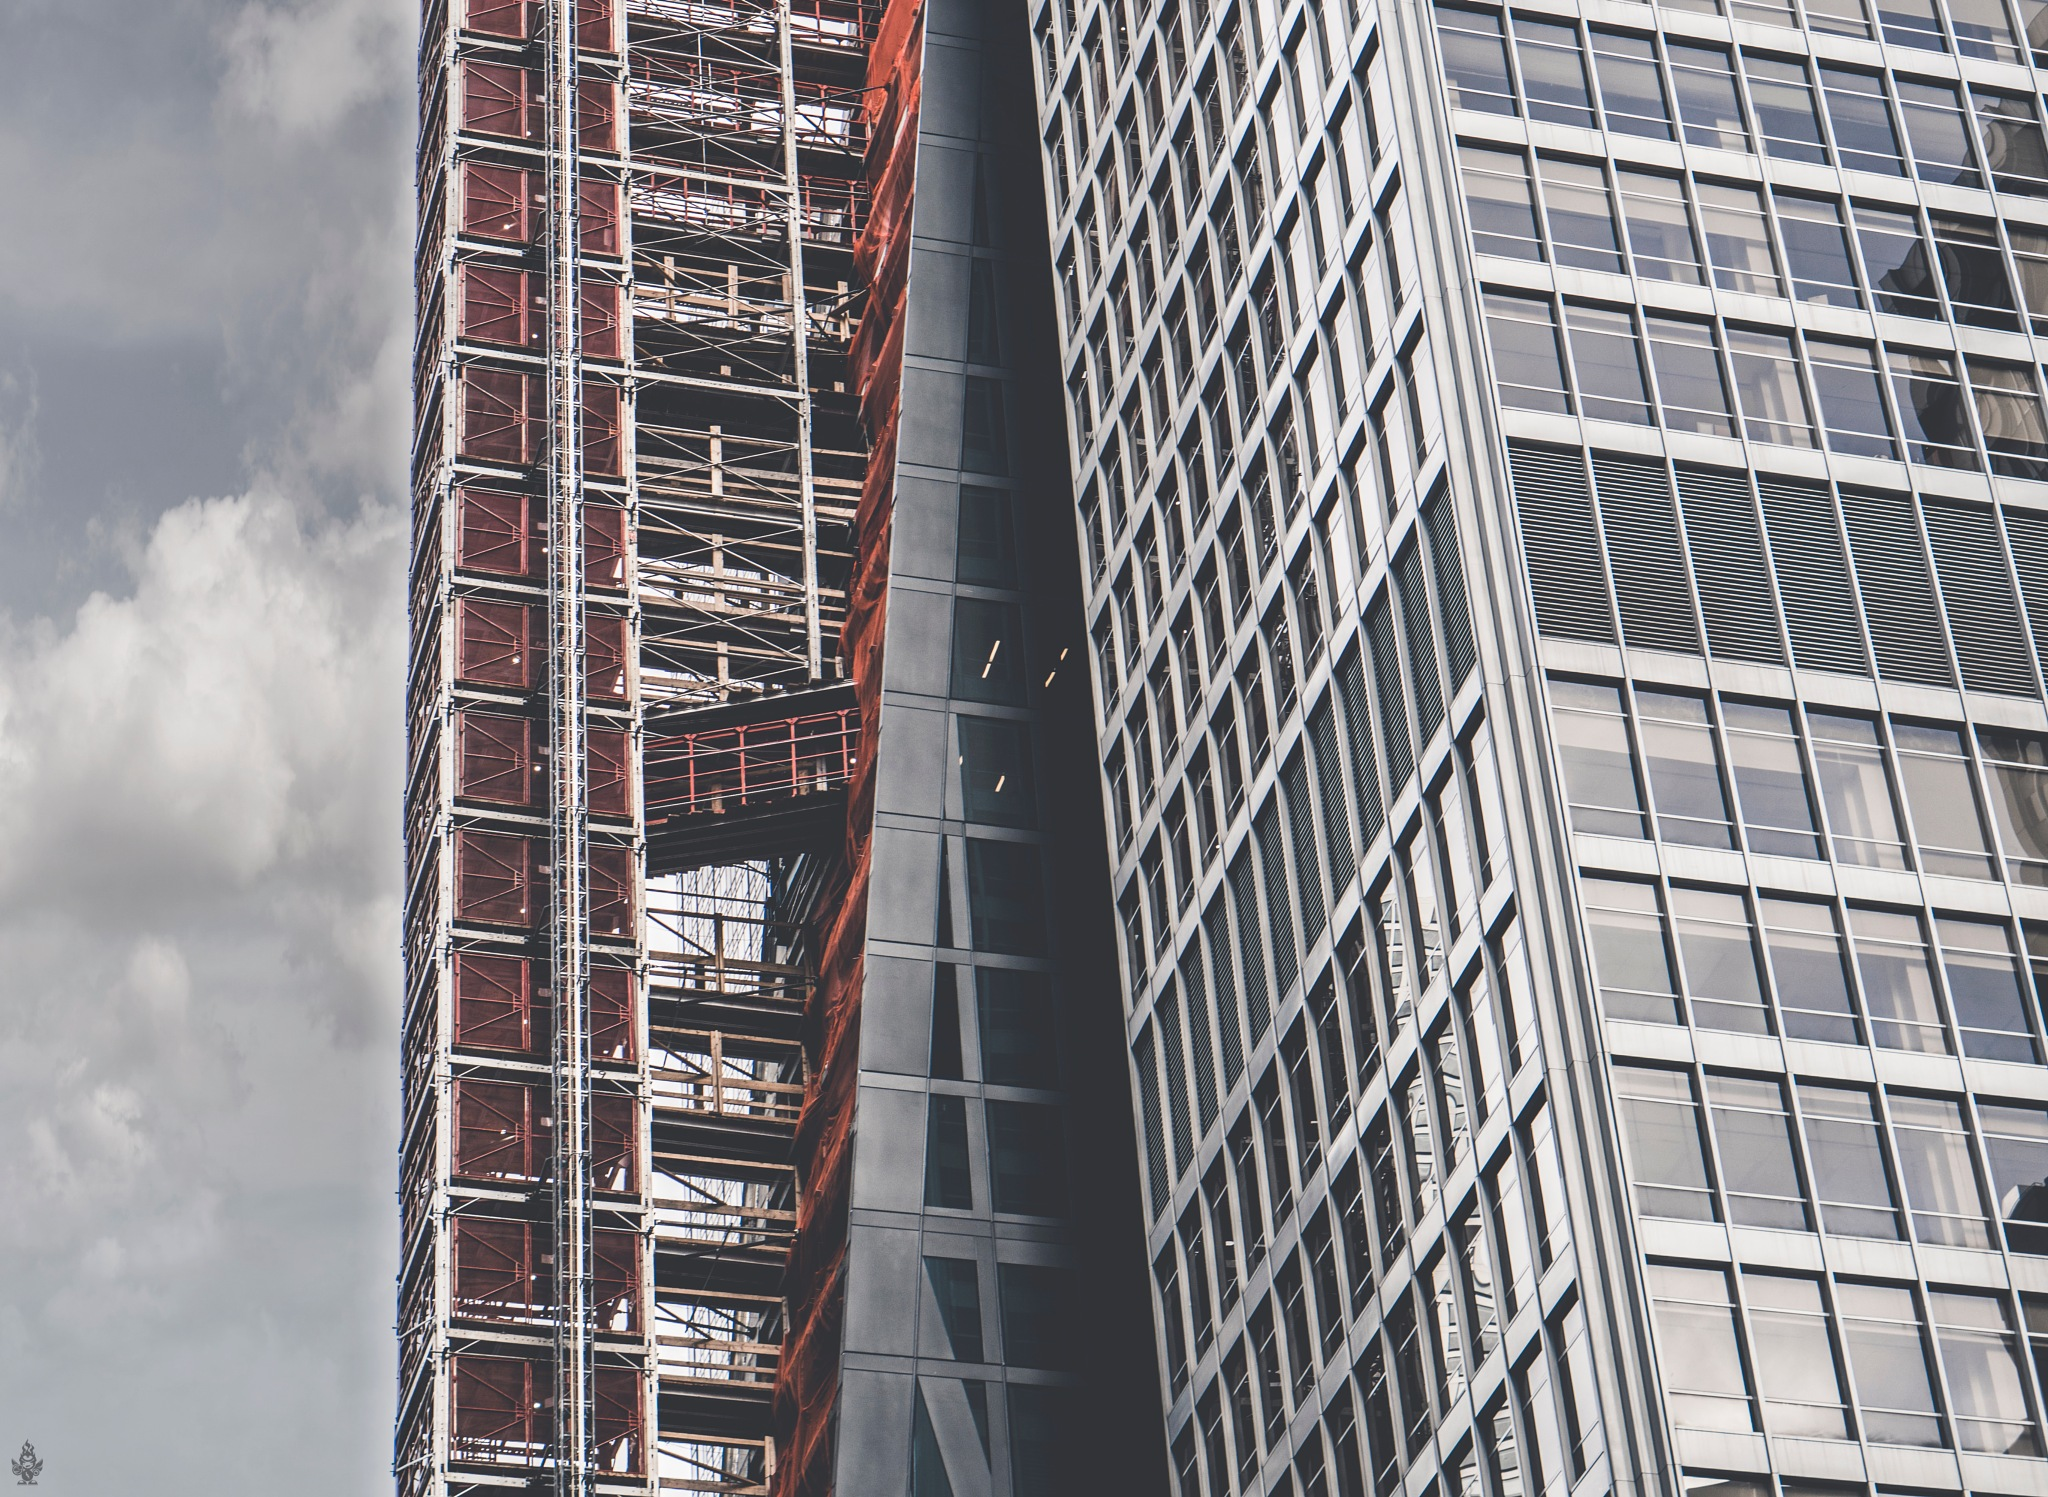 Random Building in MIdtown NYC by Vex Vegaz